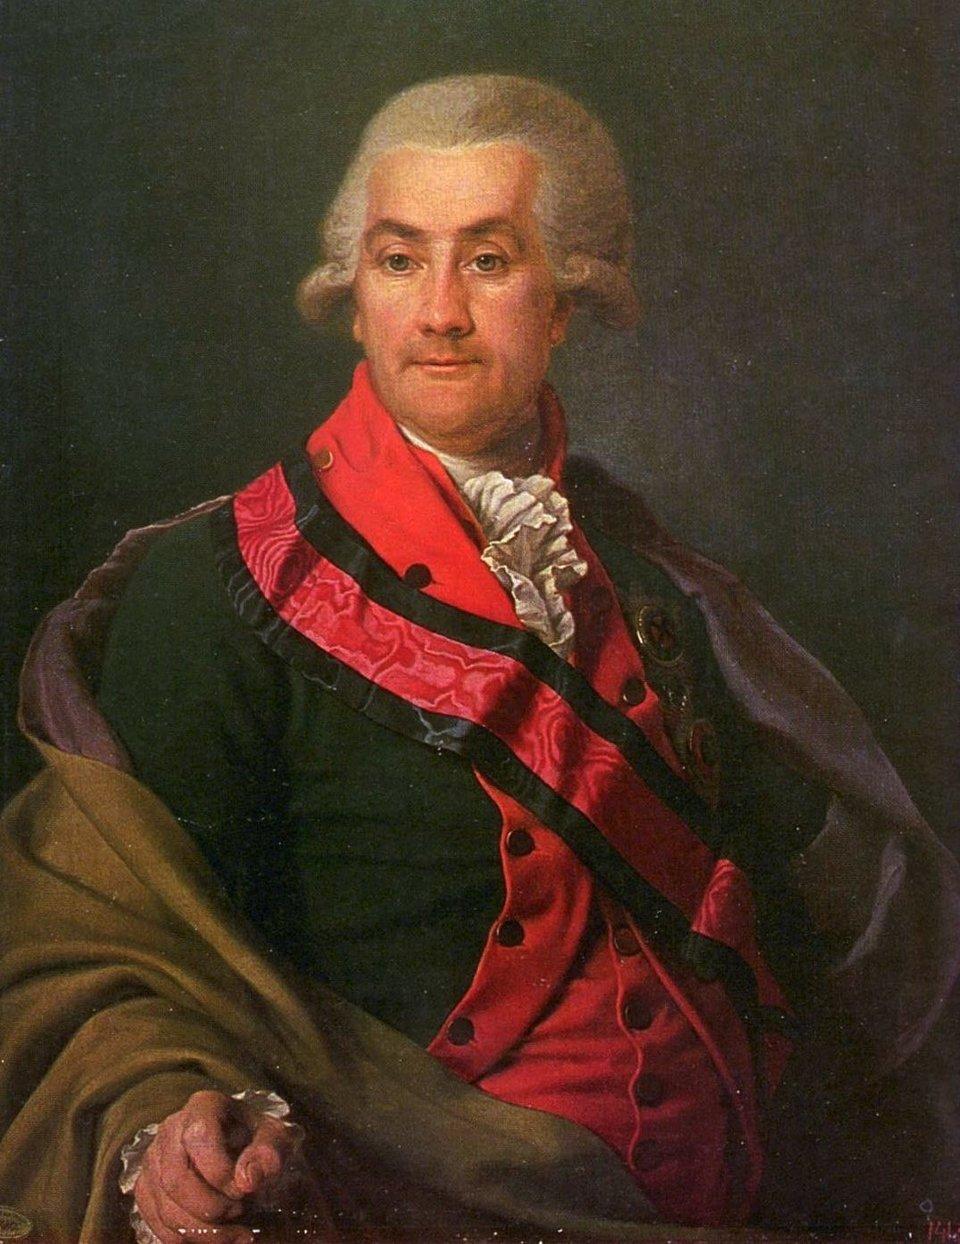 Portret ambasadora Josefa Igelströma (1737-1823) Źródło: Dmitry Grigorievich Levitzky, Portret ambasadora Josefa Igelströma (1737-1823), XVIII w., Olej, domena publiczna.